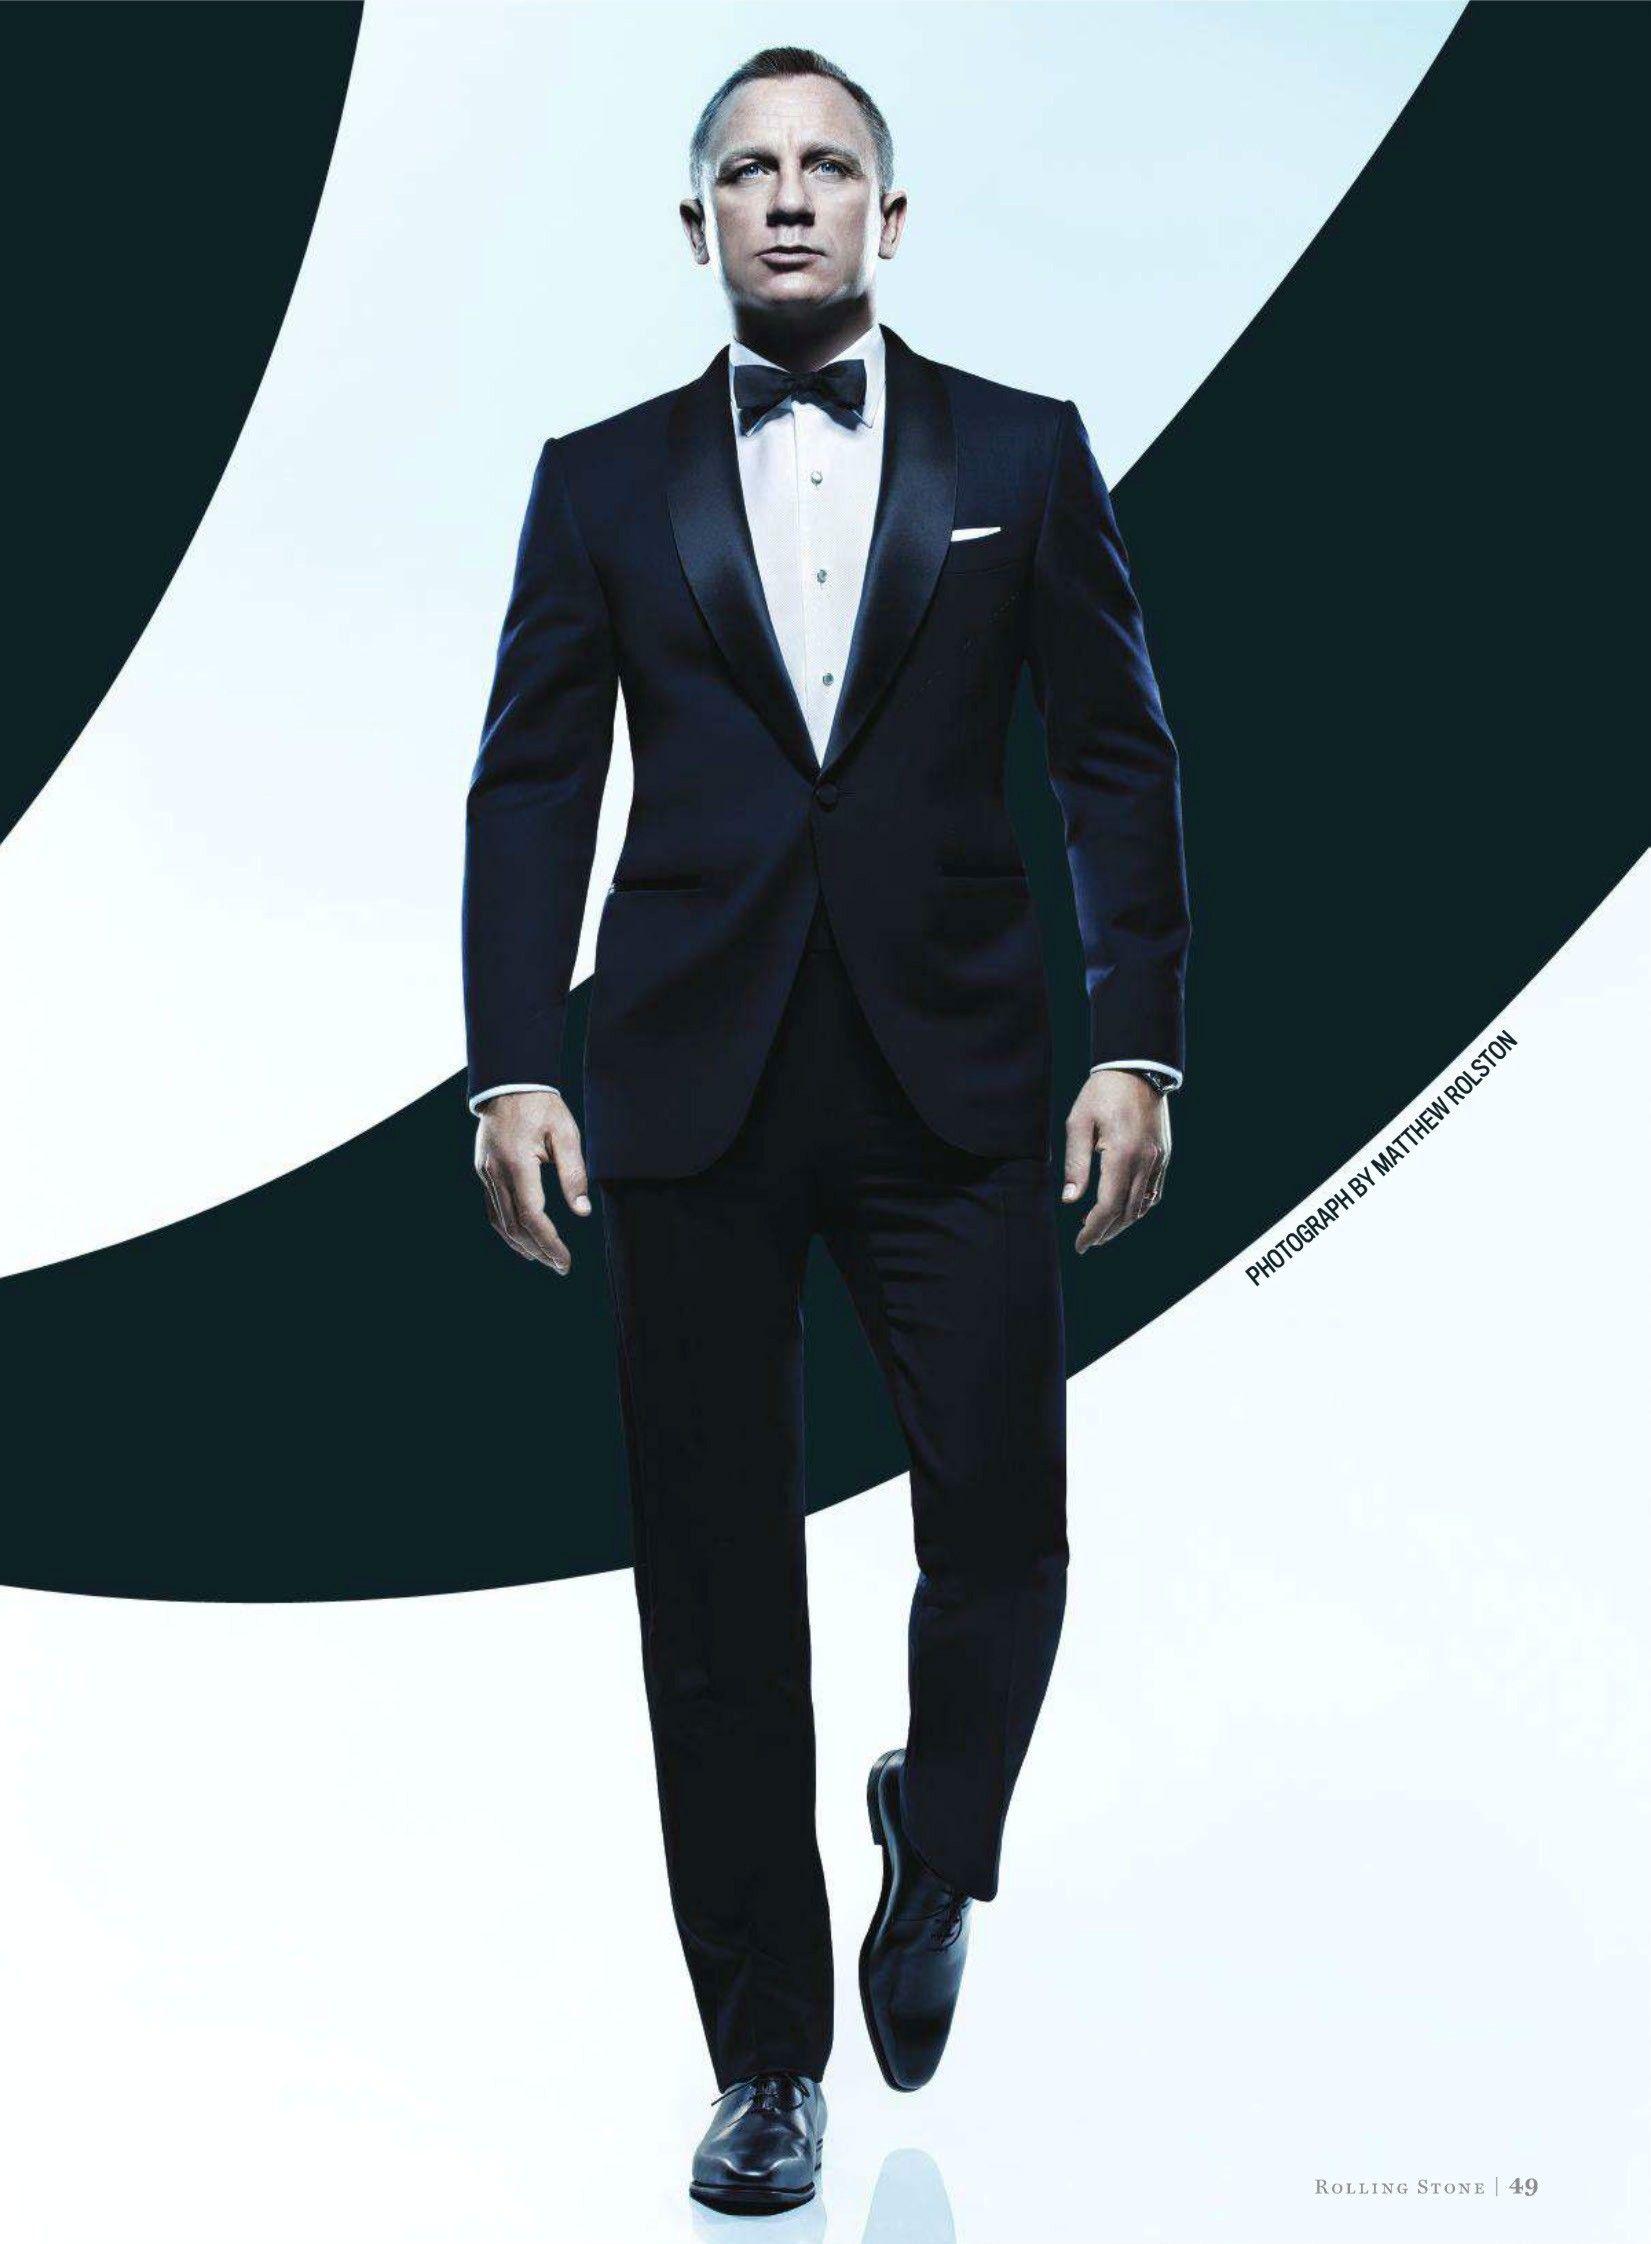 Groom Outfit 3 (Reception Dinner) Tuxedo for men